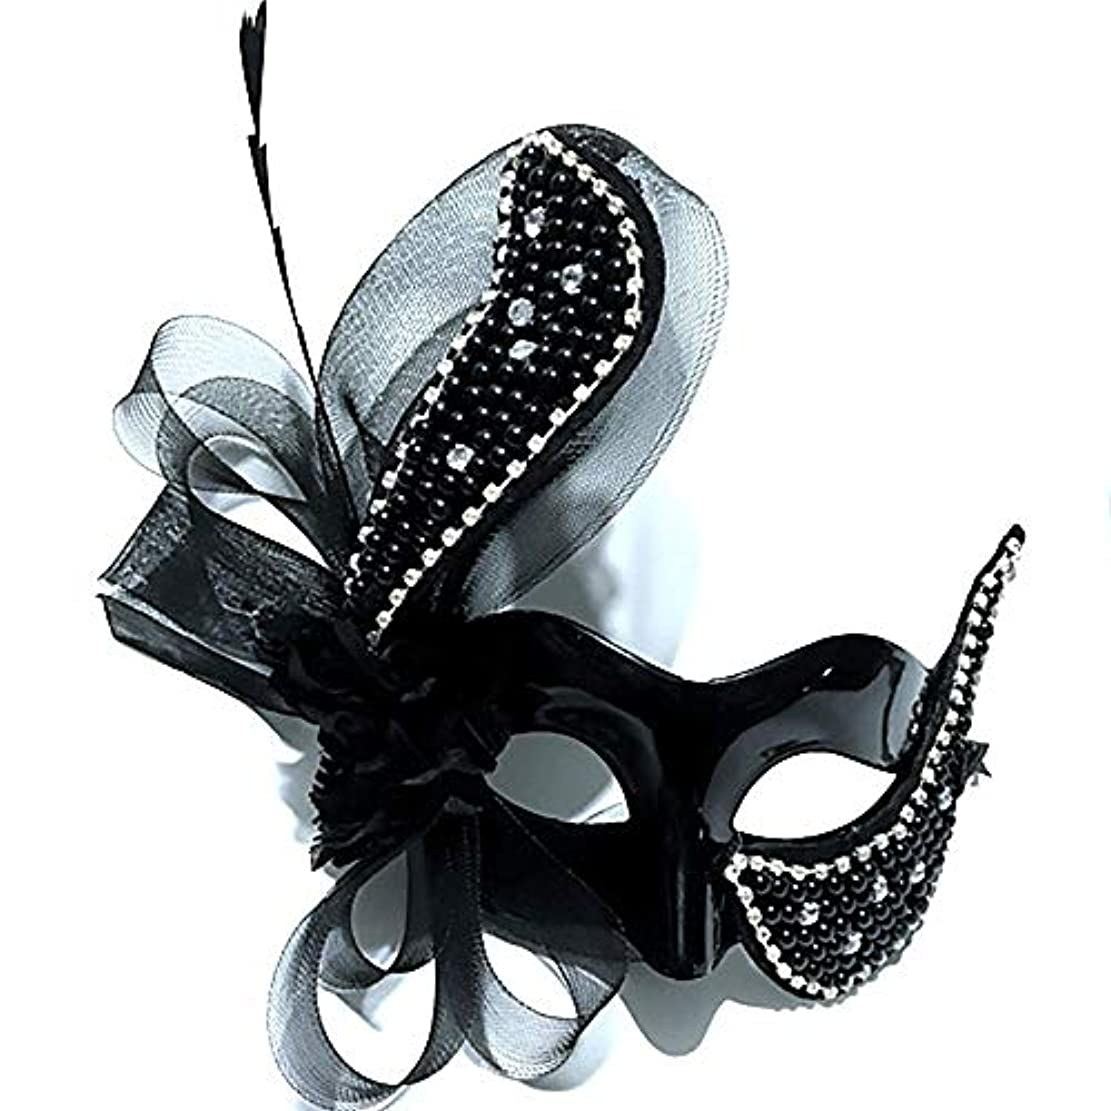 村バングラデシュ静脈Nanle ハロウィーンヴィンテージフェザーラインストーンマスク仮装マスクレディミスプリンセス美容祭パーティー装飾マスク